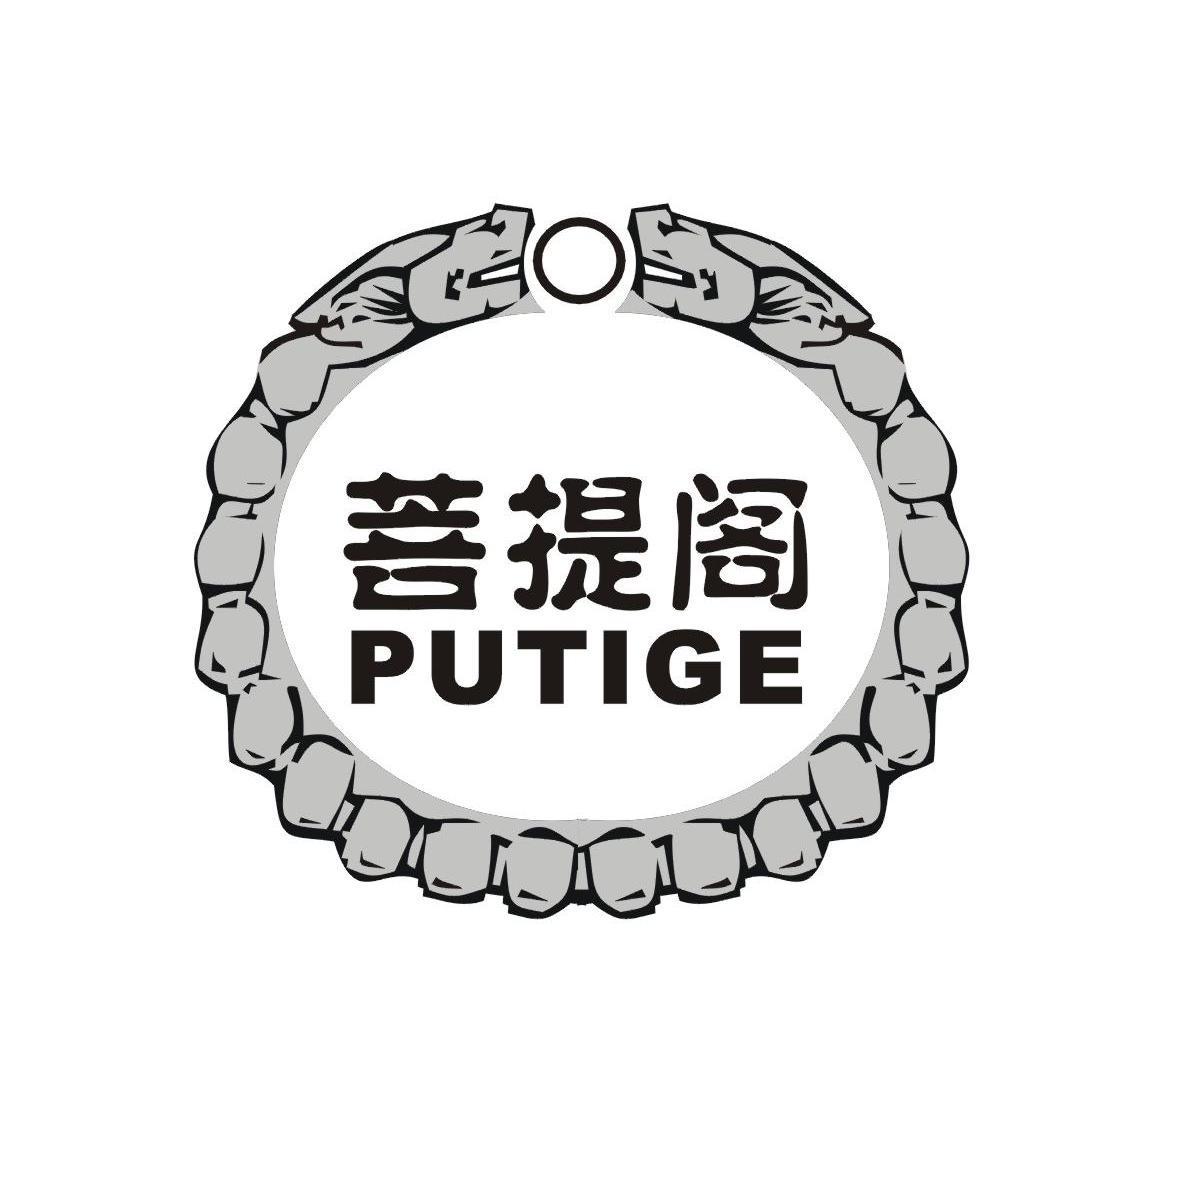 菩提树叶logo